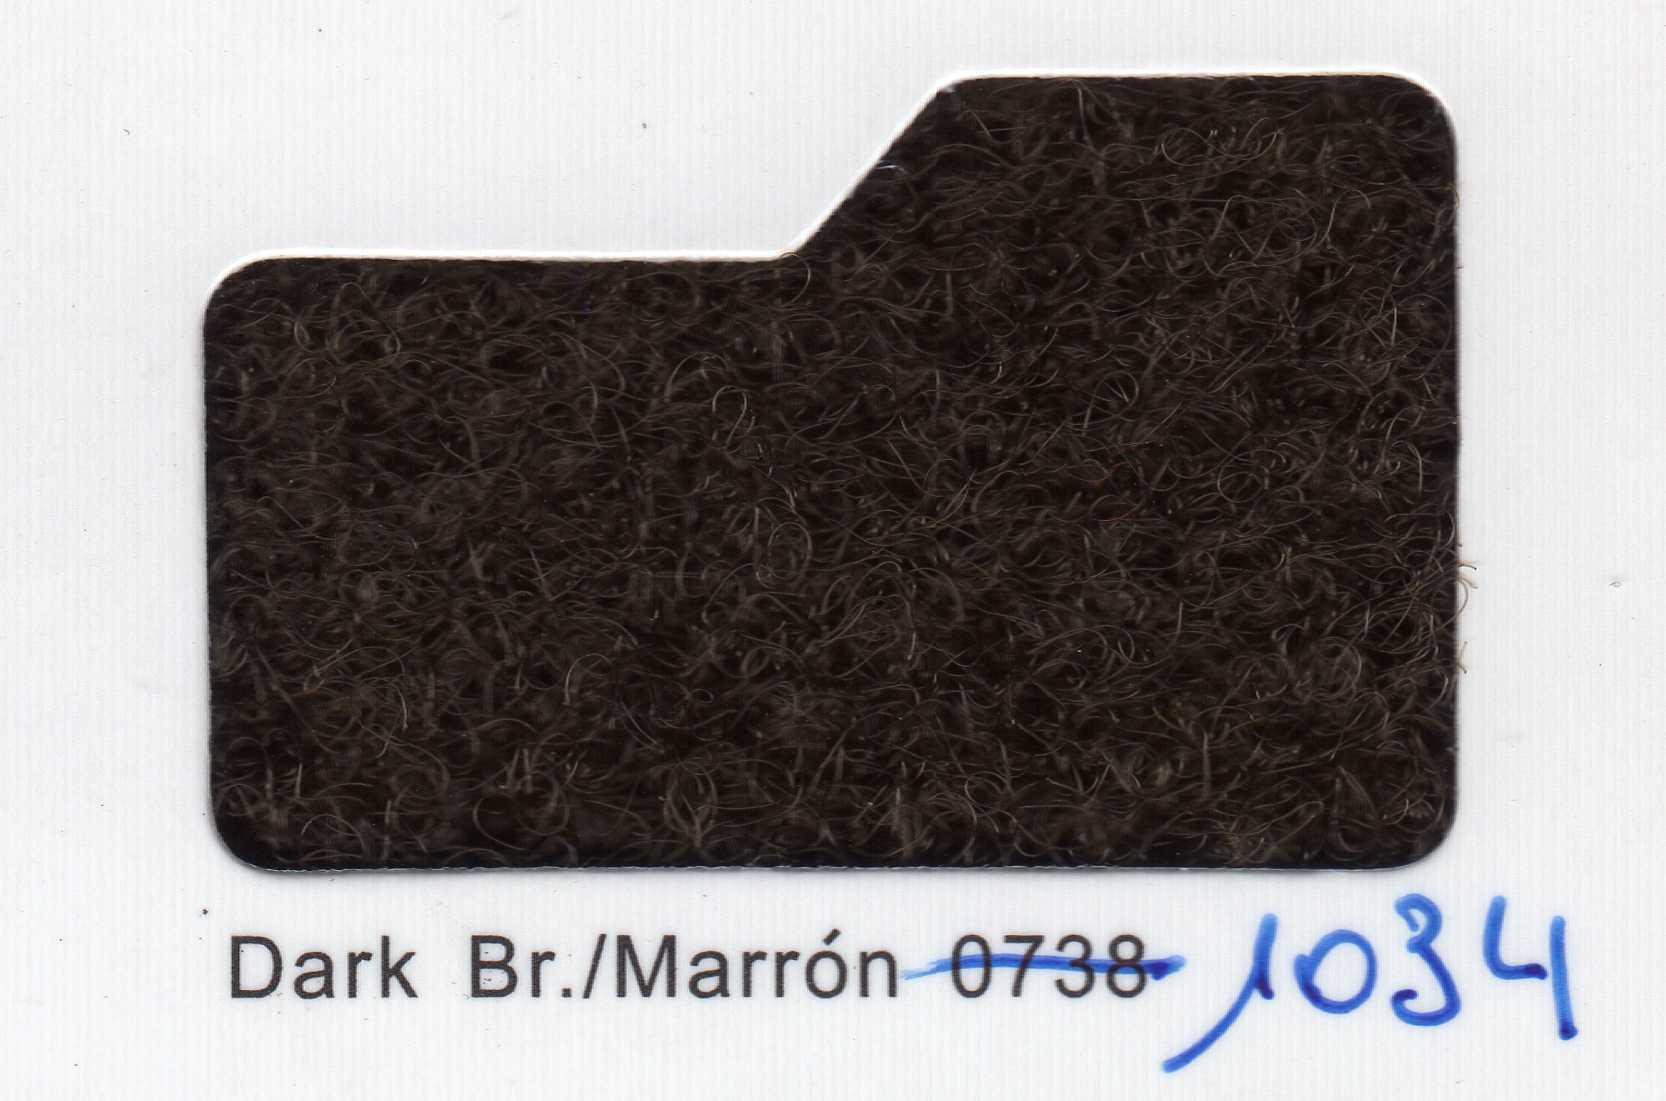 Cinta de cierre Velcro-Veraco 100mm Marrón 1034 (Rizo).